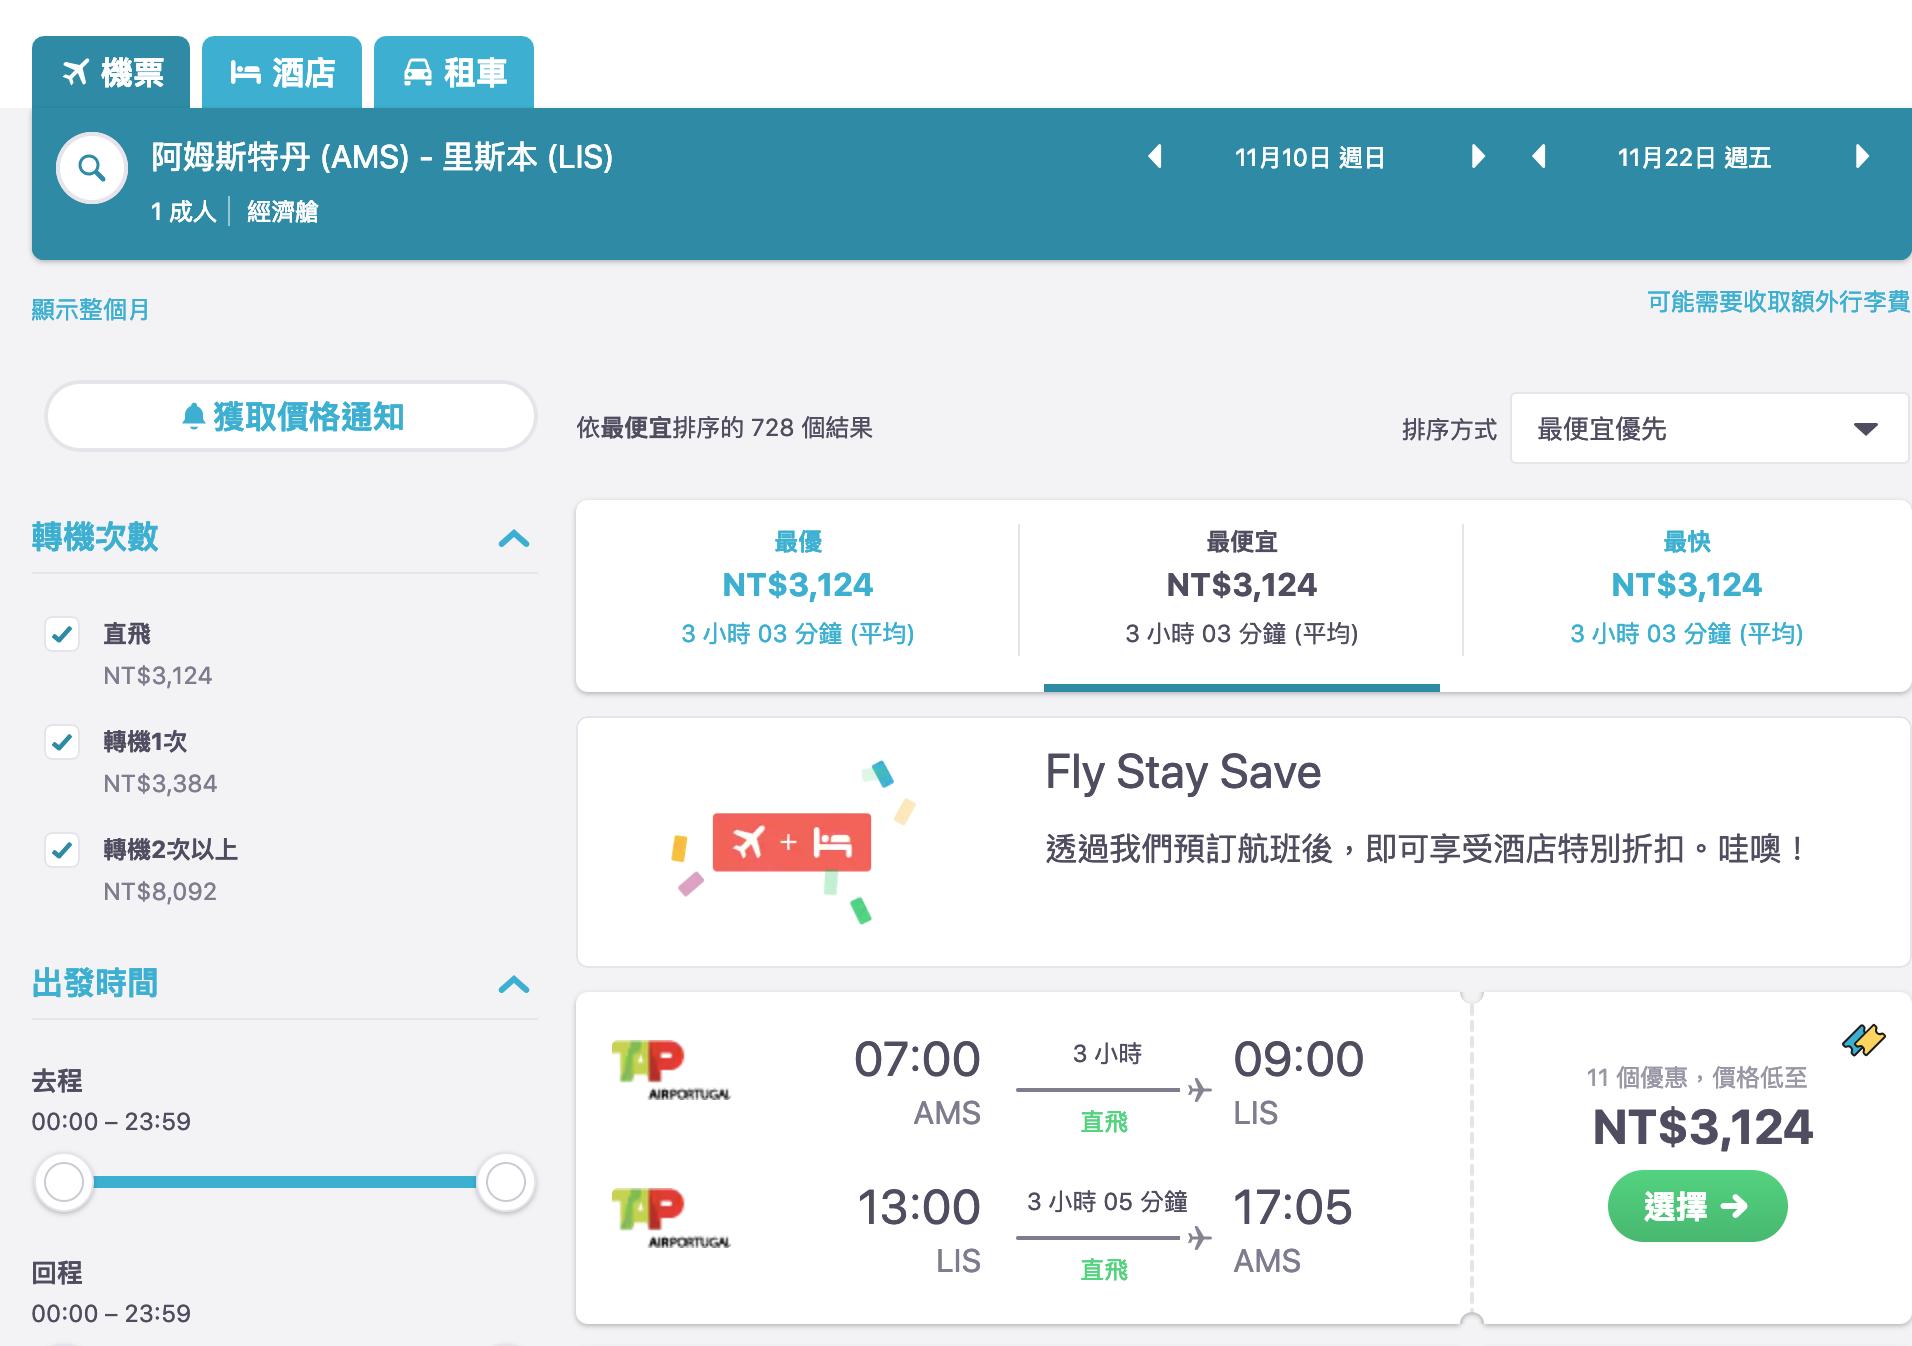 葡萄牙機票該怎麼選價格與航線|現在也可以16K便宜葡萄牙機票去旅行,組合票價更划算(查票:108.3.8)